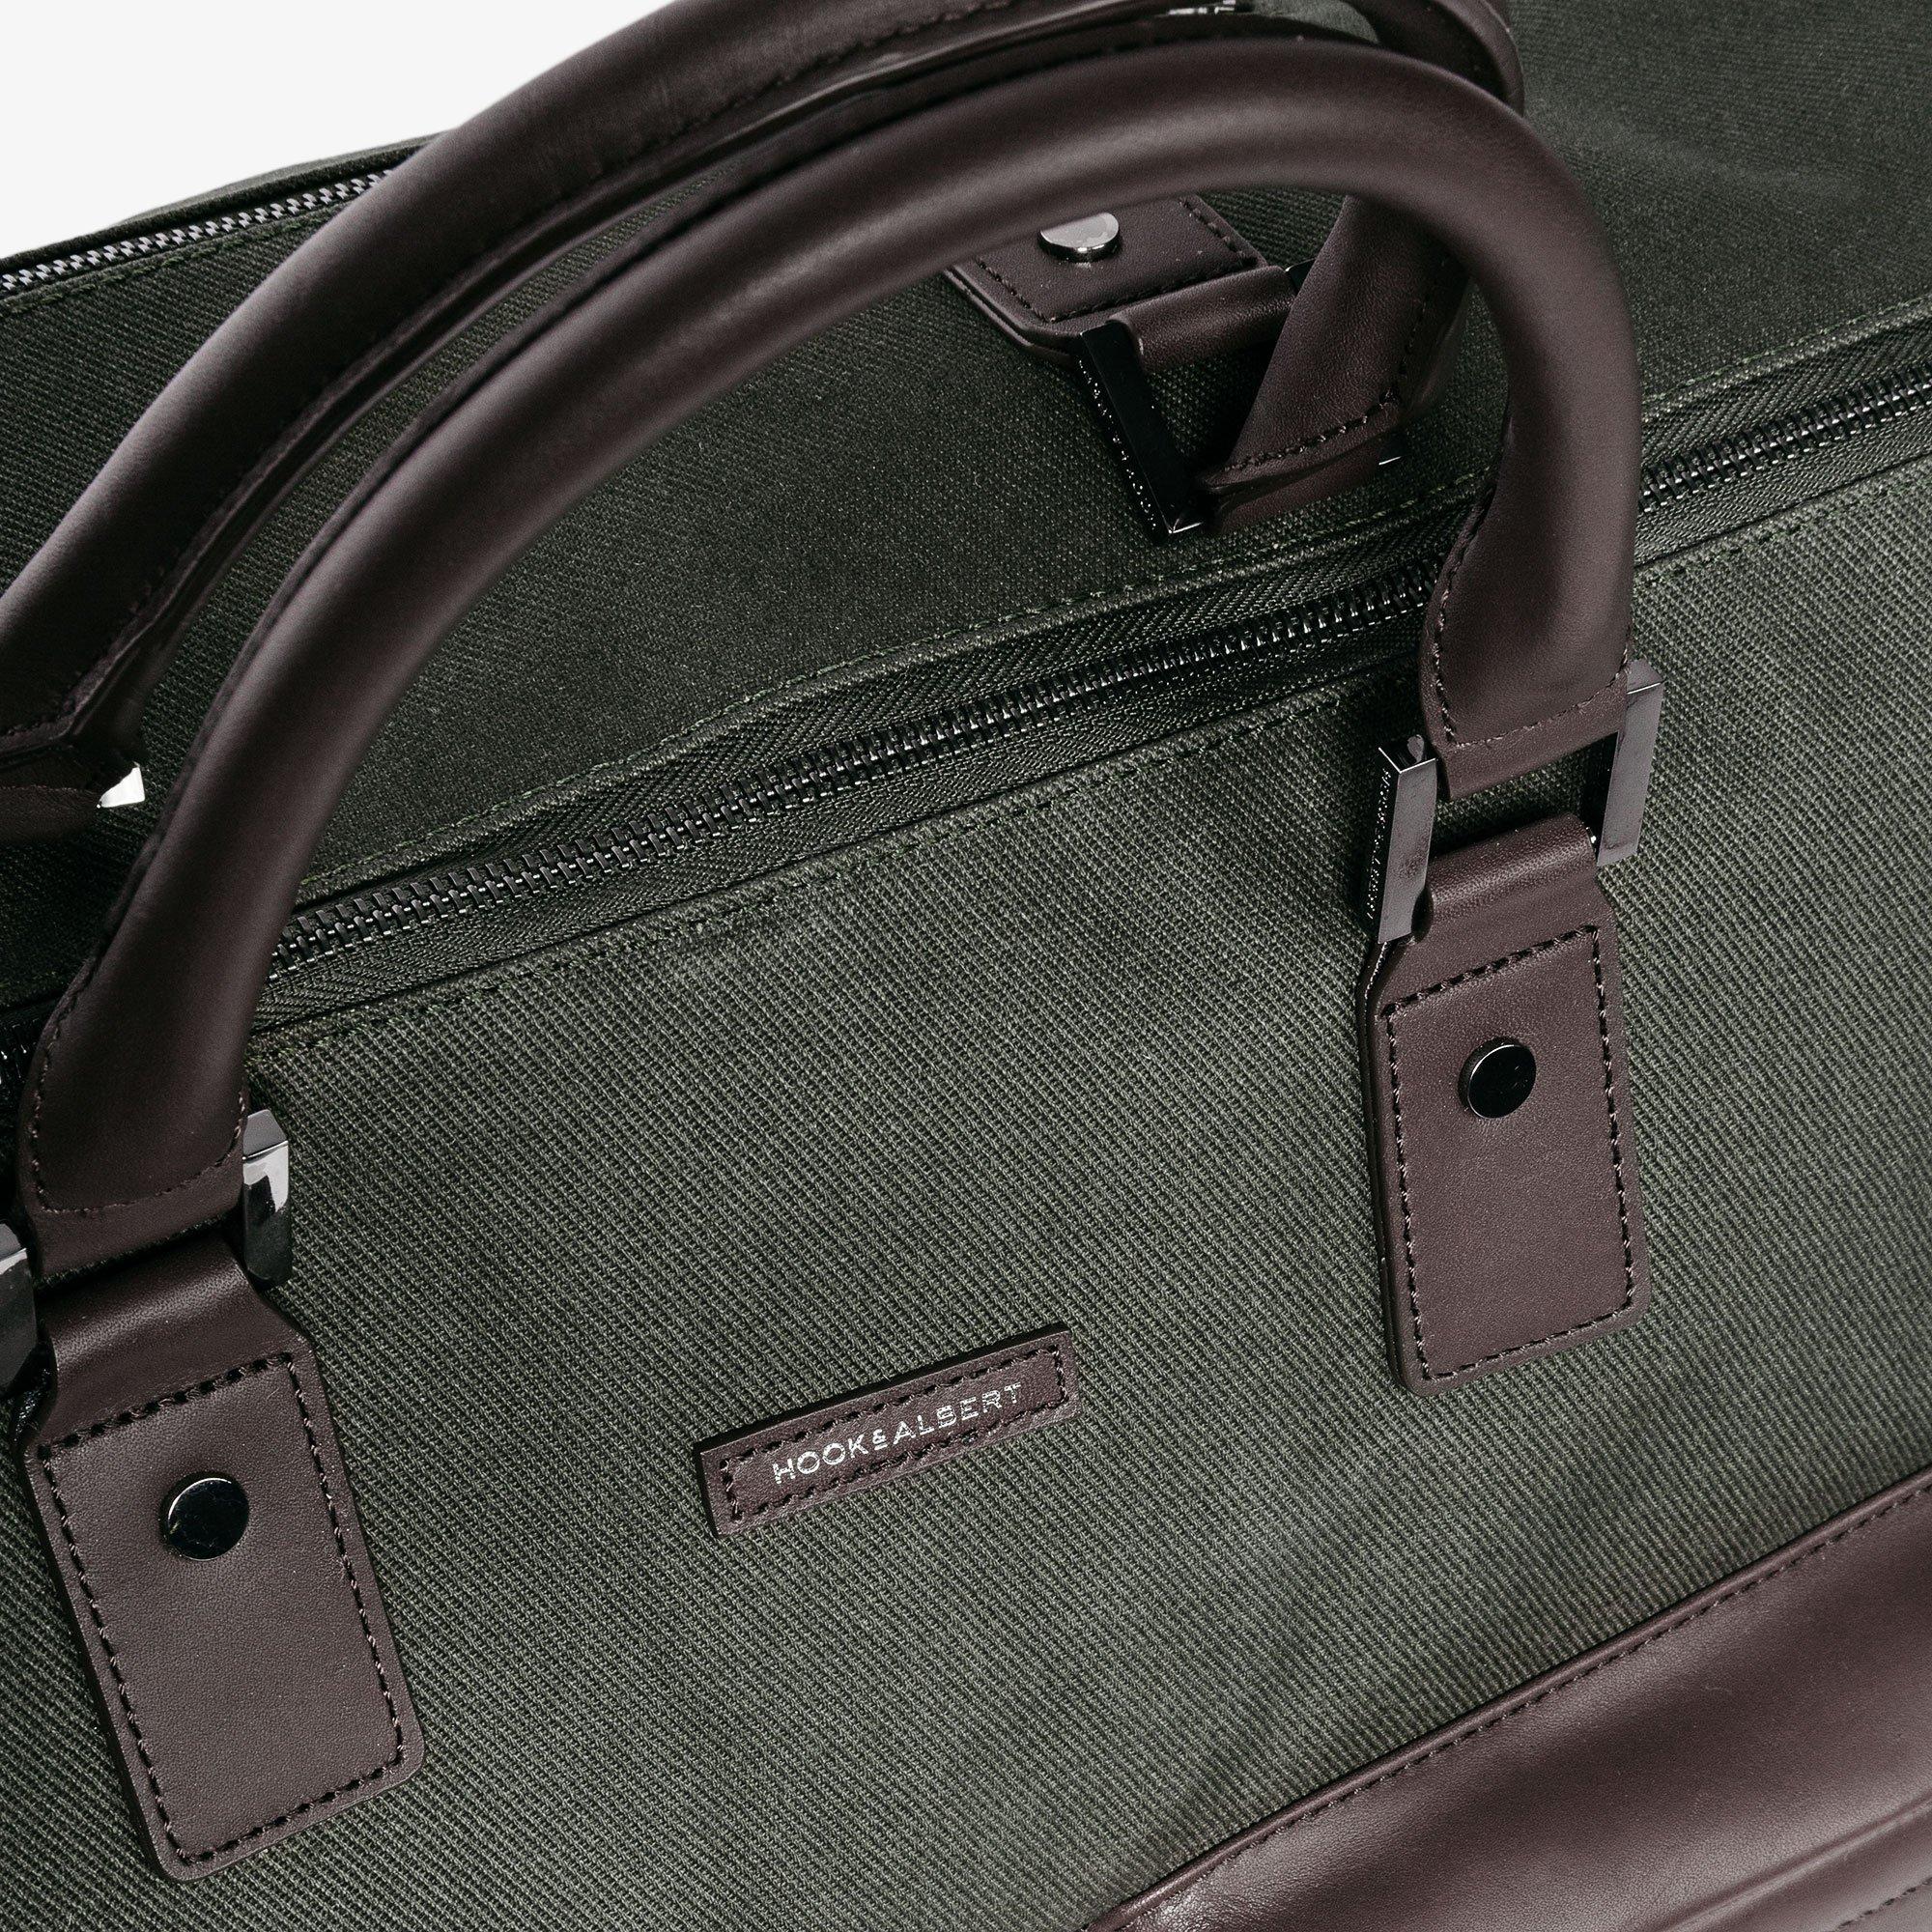 Hook & Albert Garment Weekender Bag (Olive) by HOOK & ALBERT (Image #3)